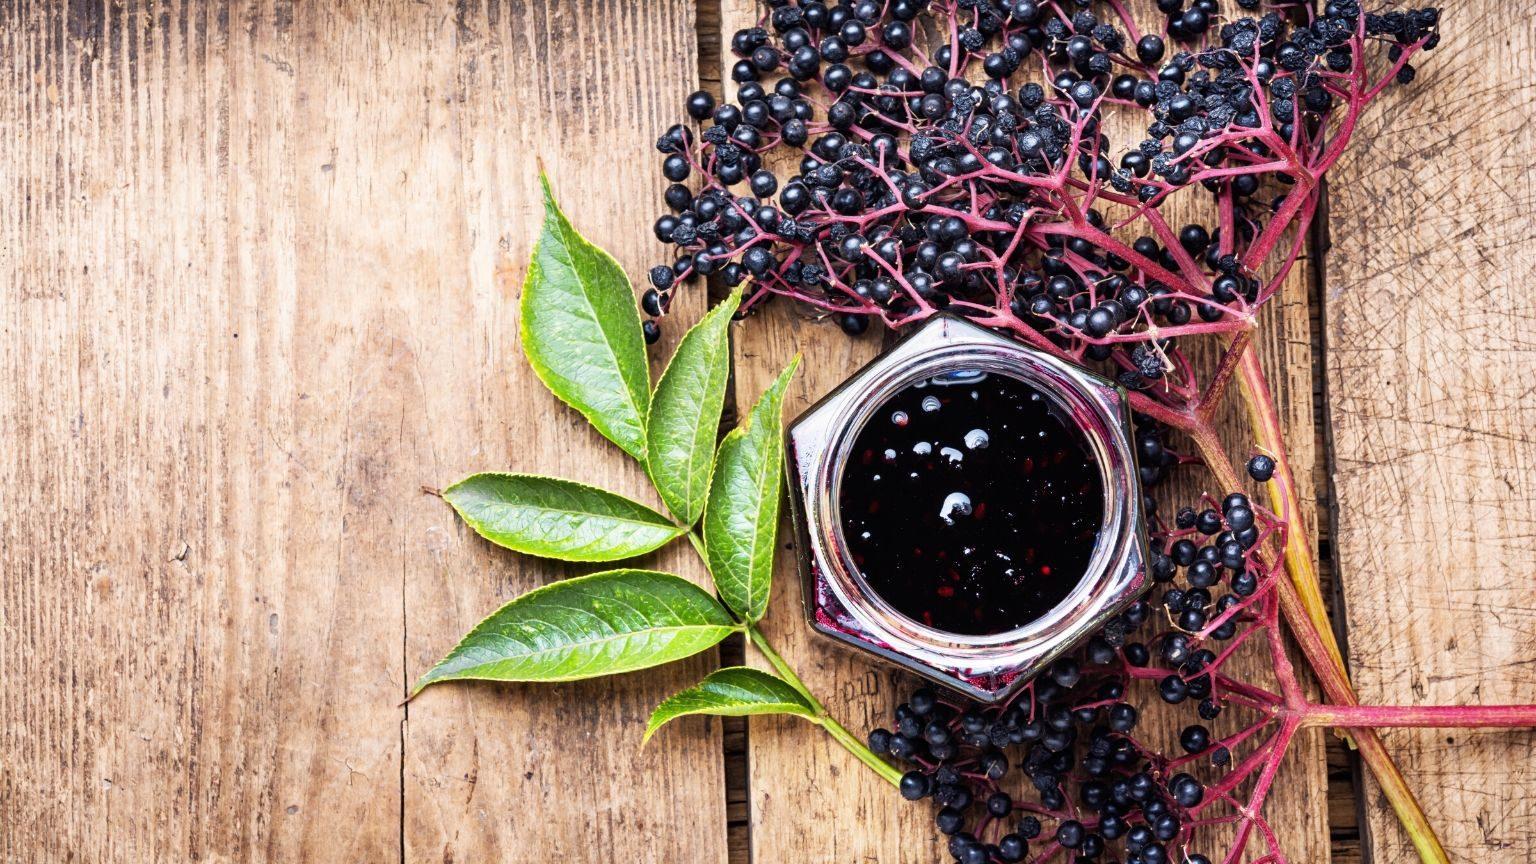 Elderberries in a jar